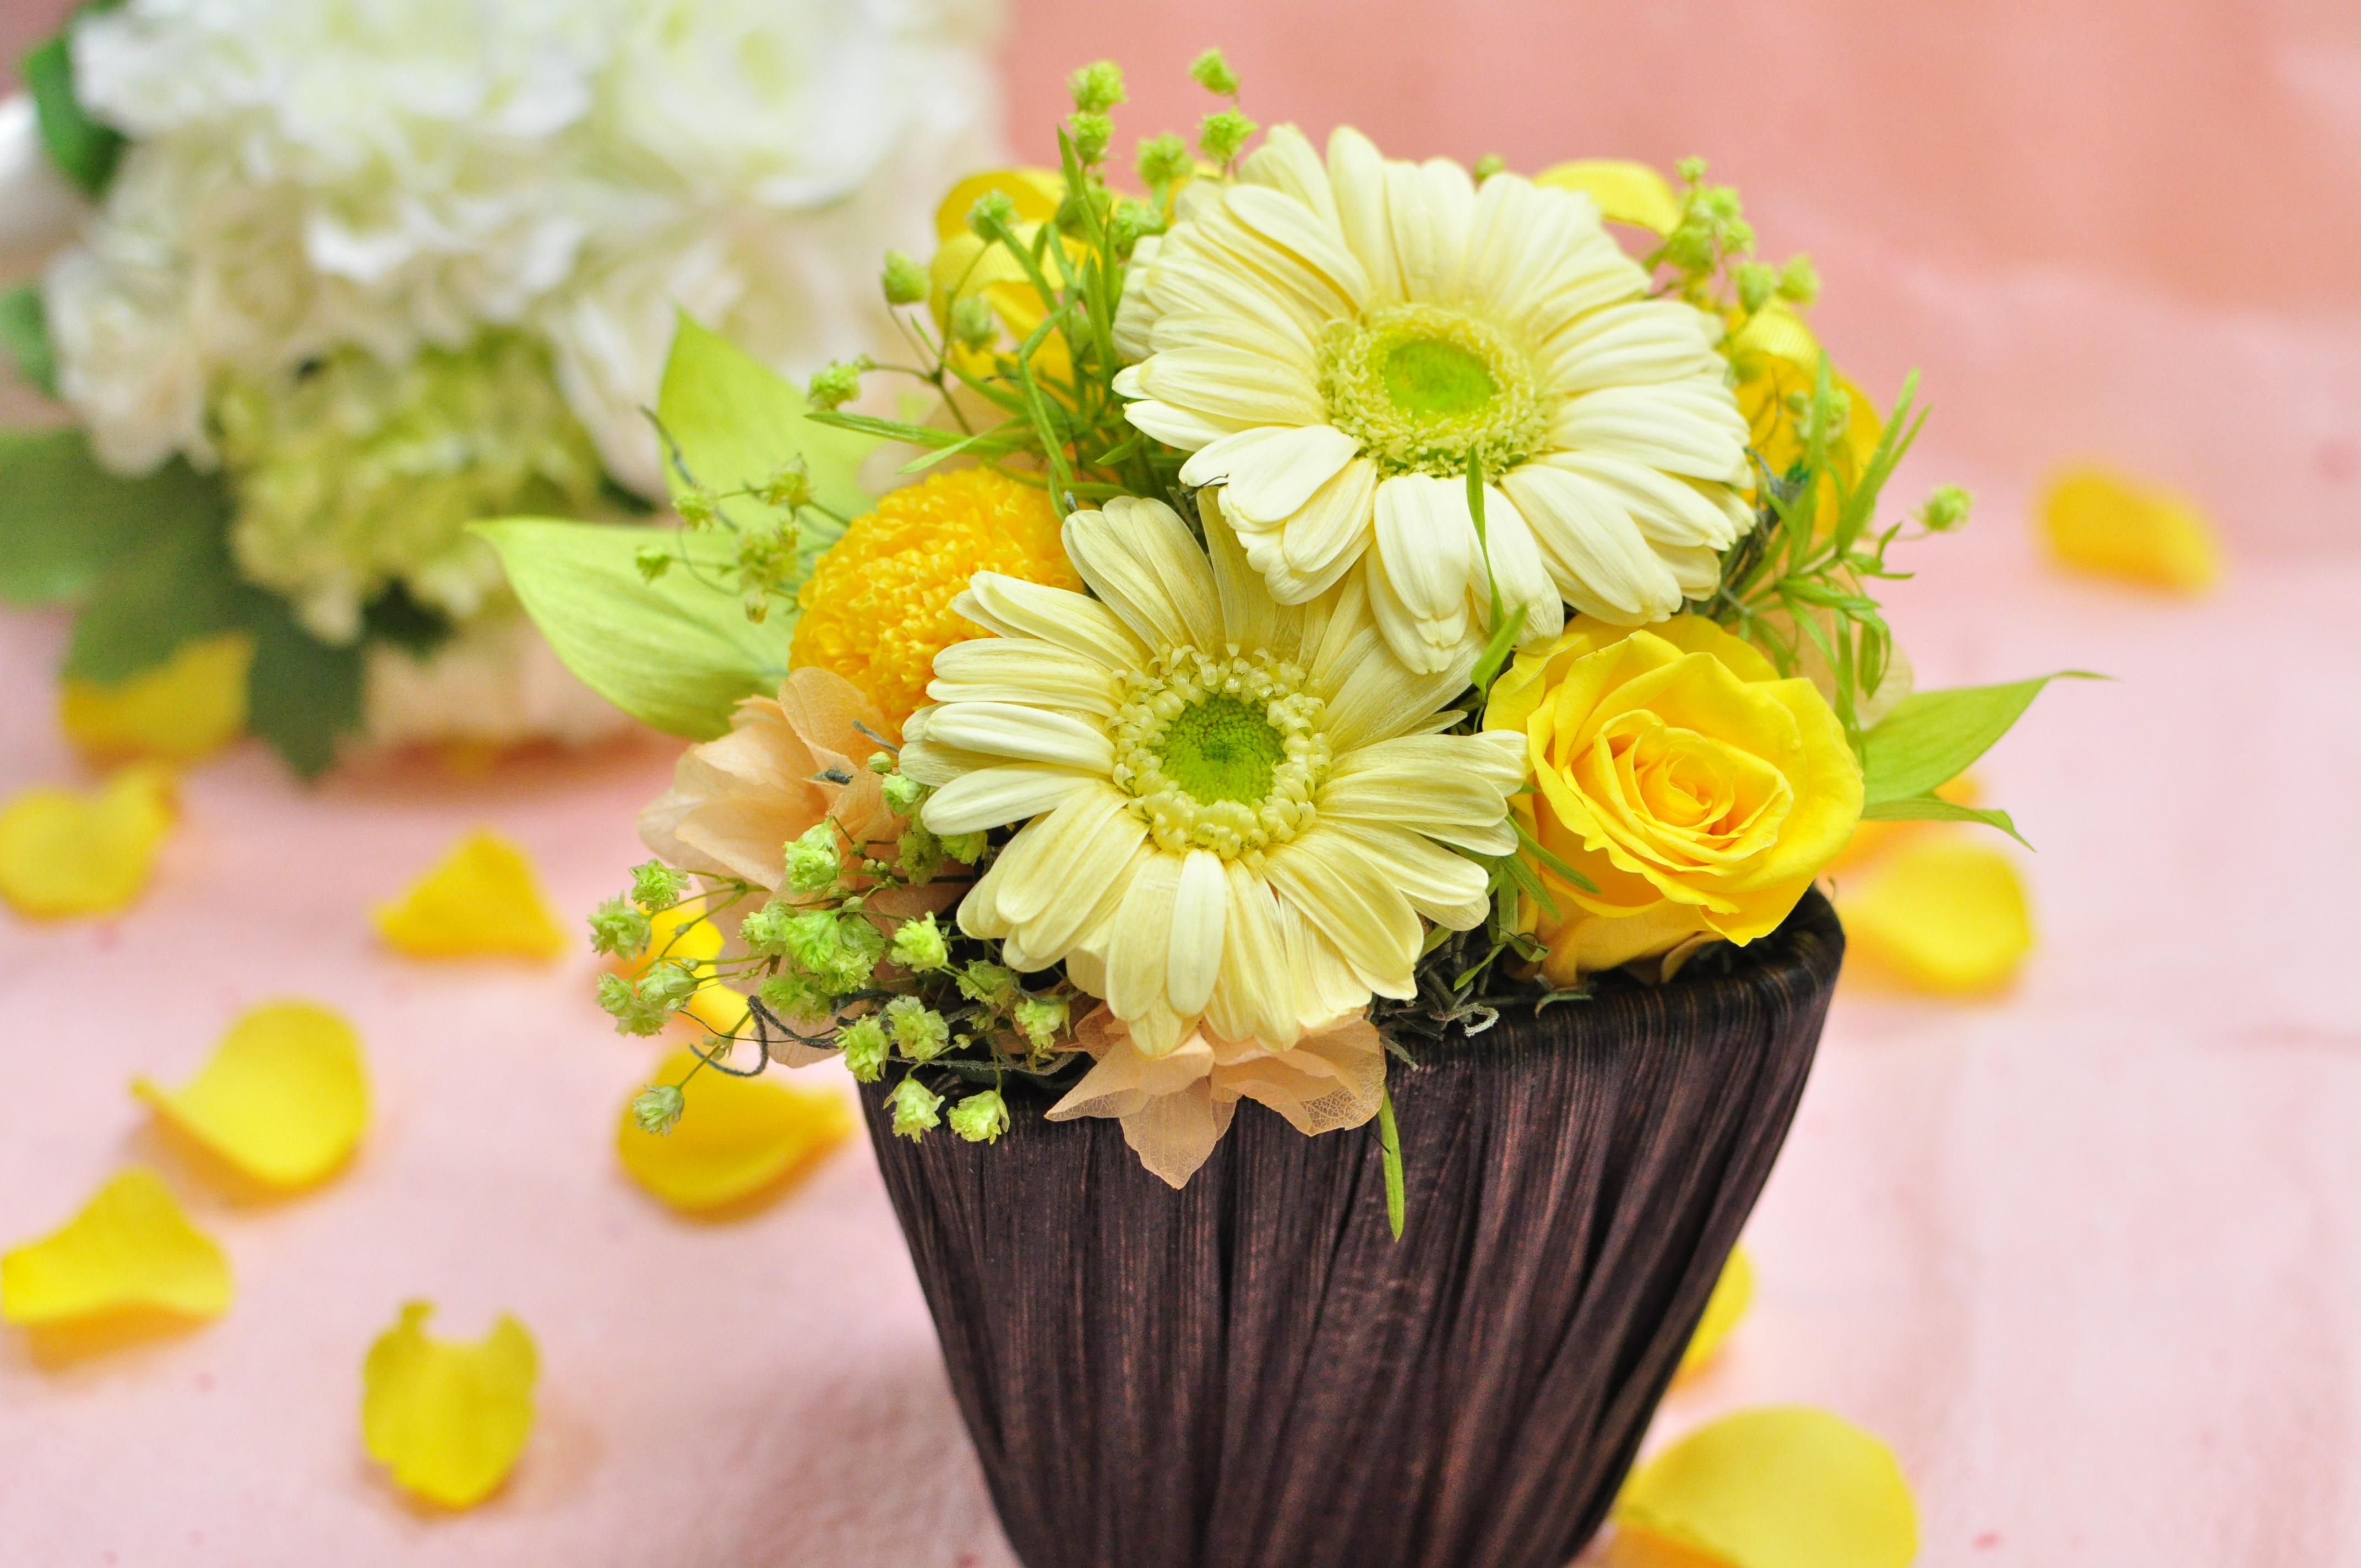 優しい黄色のガーベラと黄色のバラのプリザーブドフラワーアレンジメント